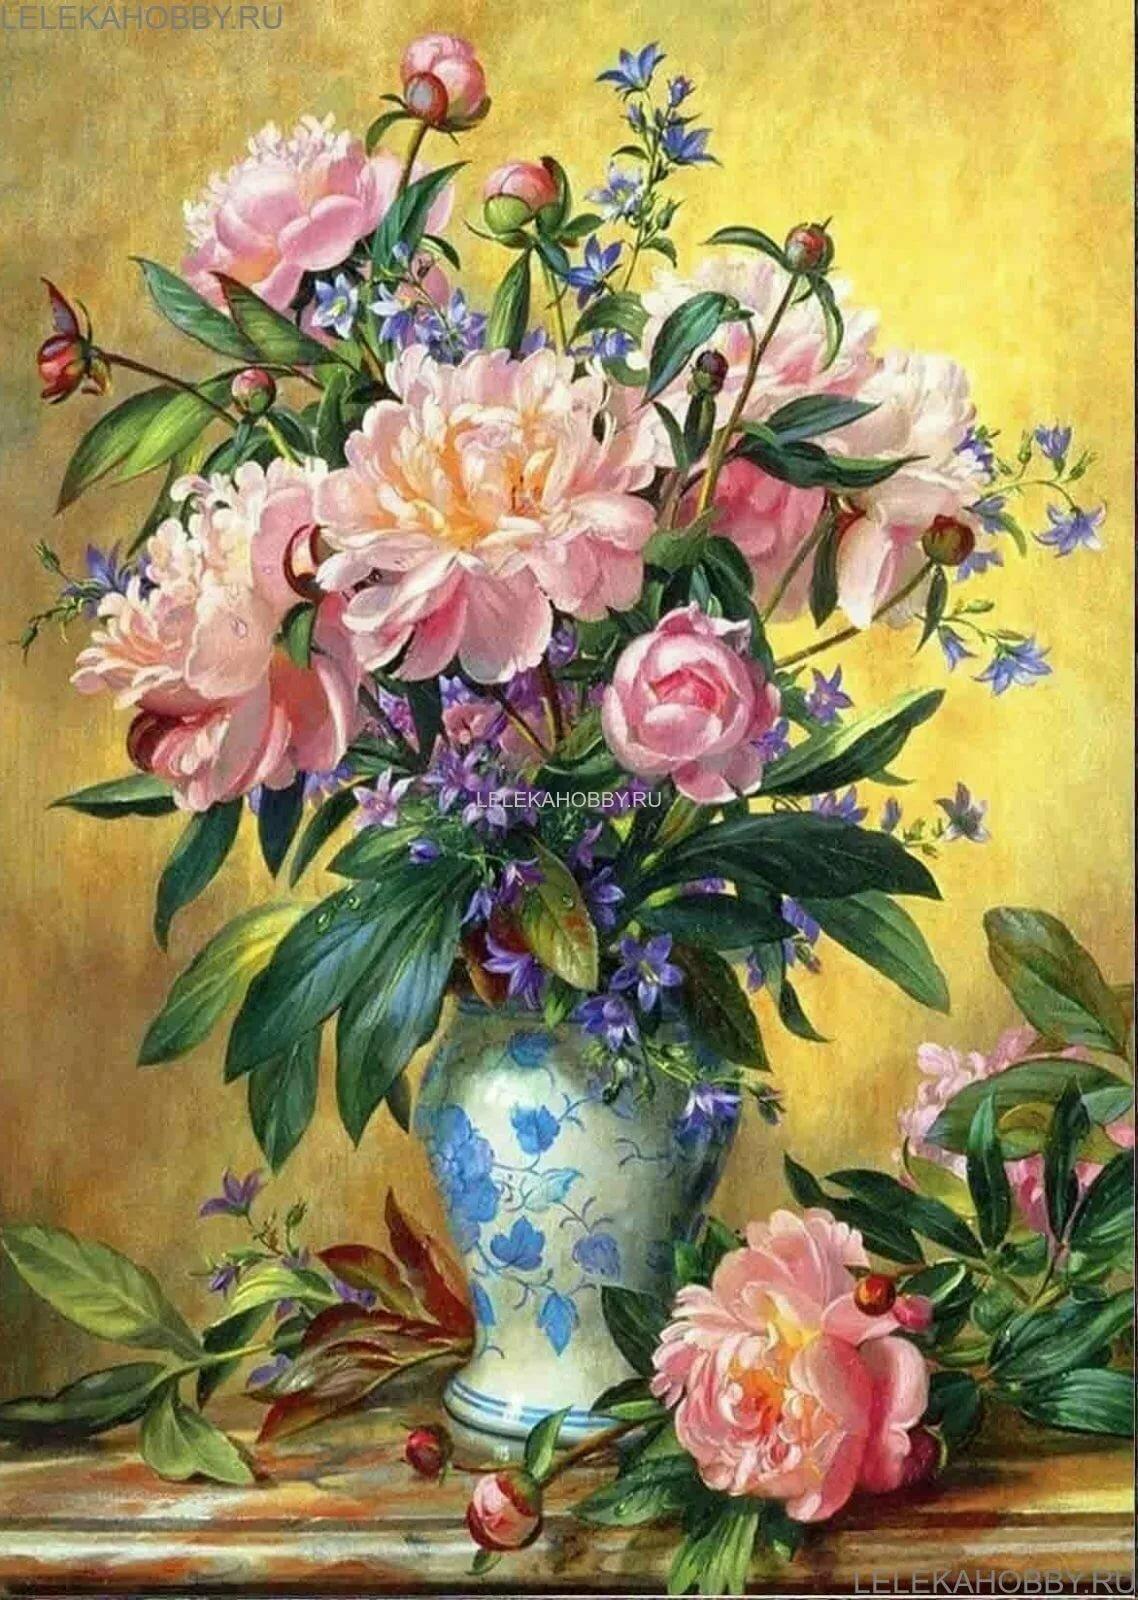 Теле2 прикольные, открытки с букетами цветов в вазе